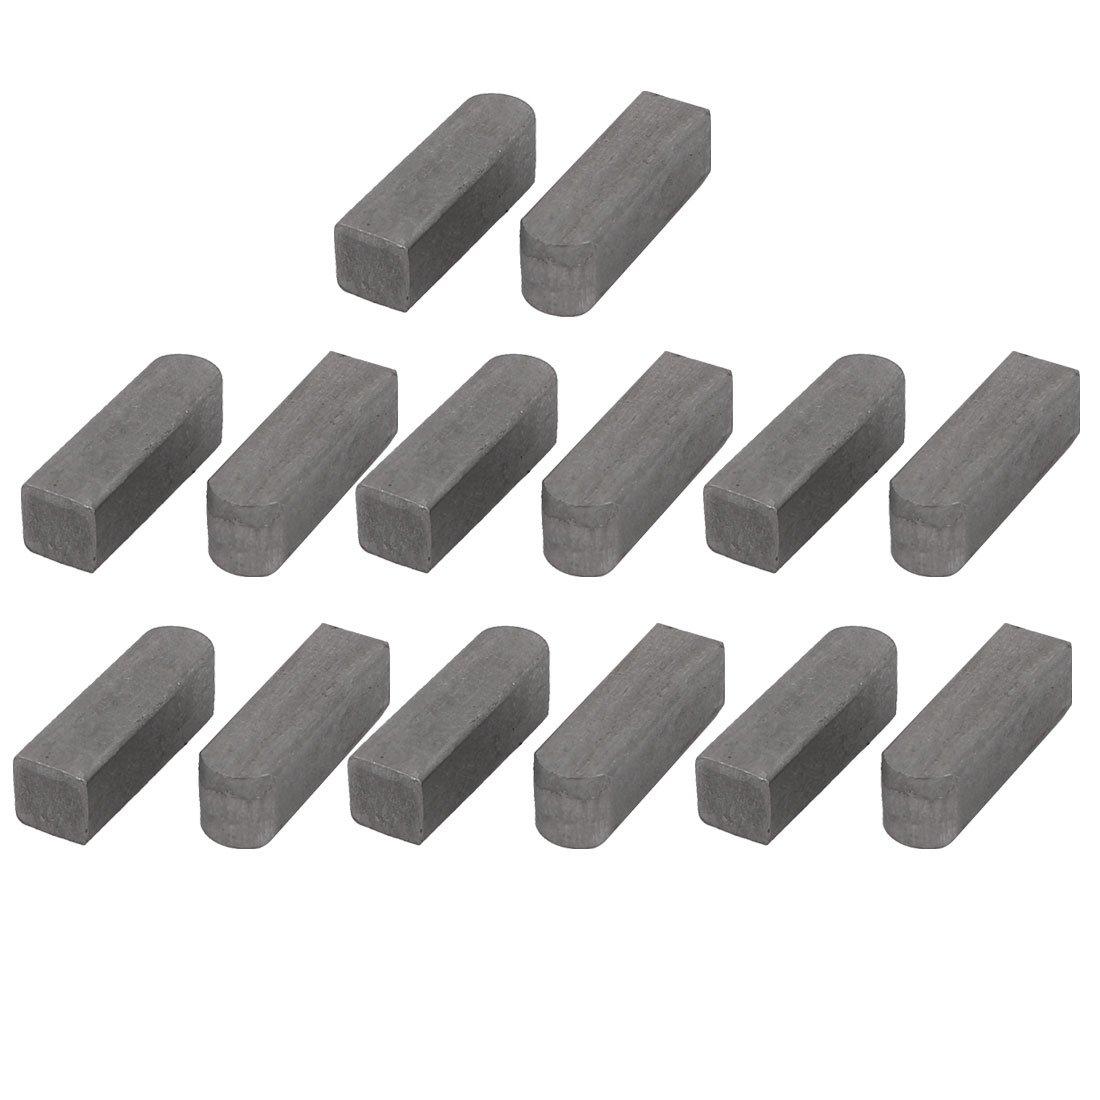 uxcell 20mmx6mmx6mm Carbon Steel Key Stock Keystock Gray 14pcs